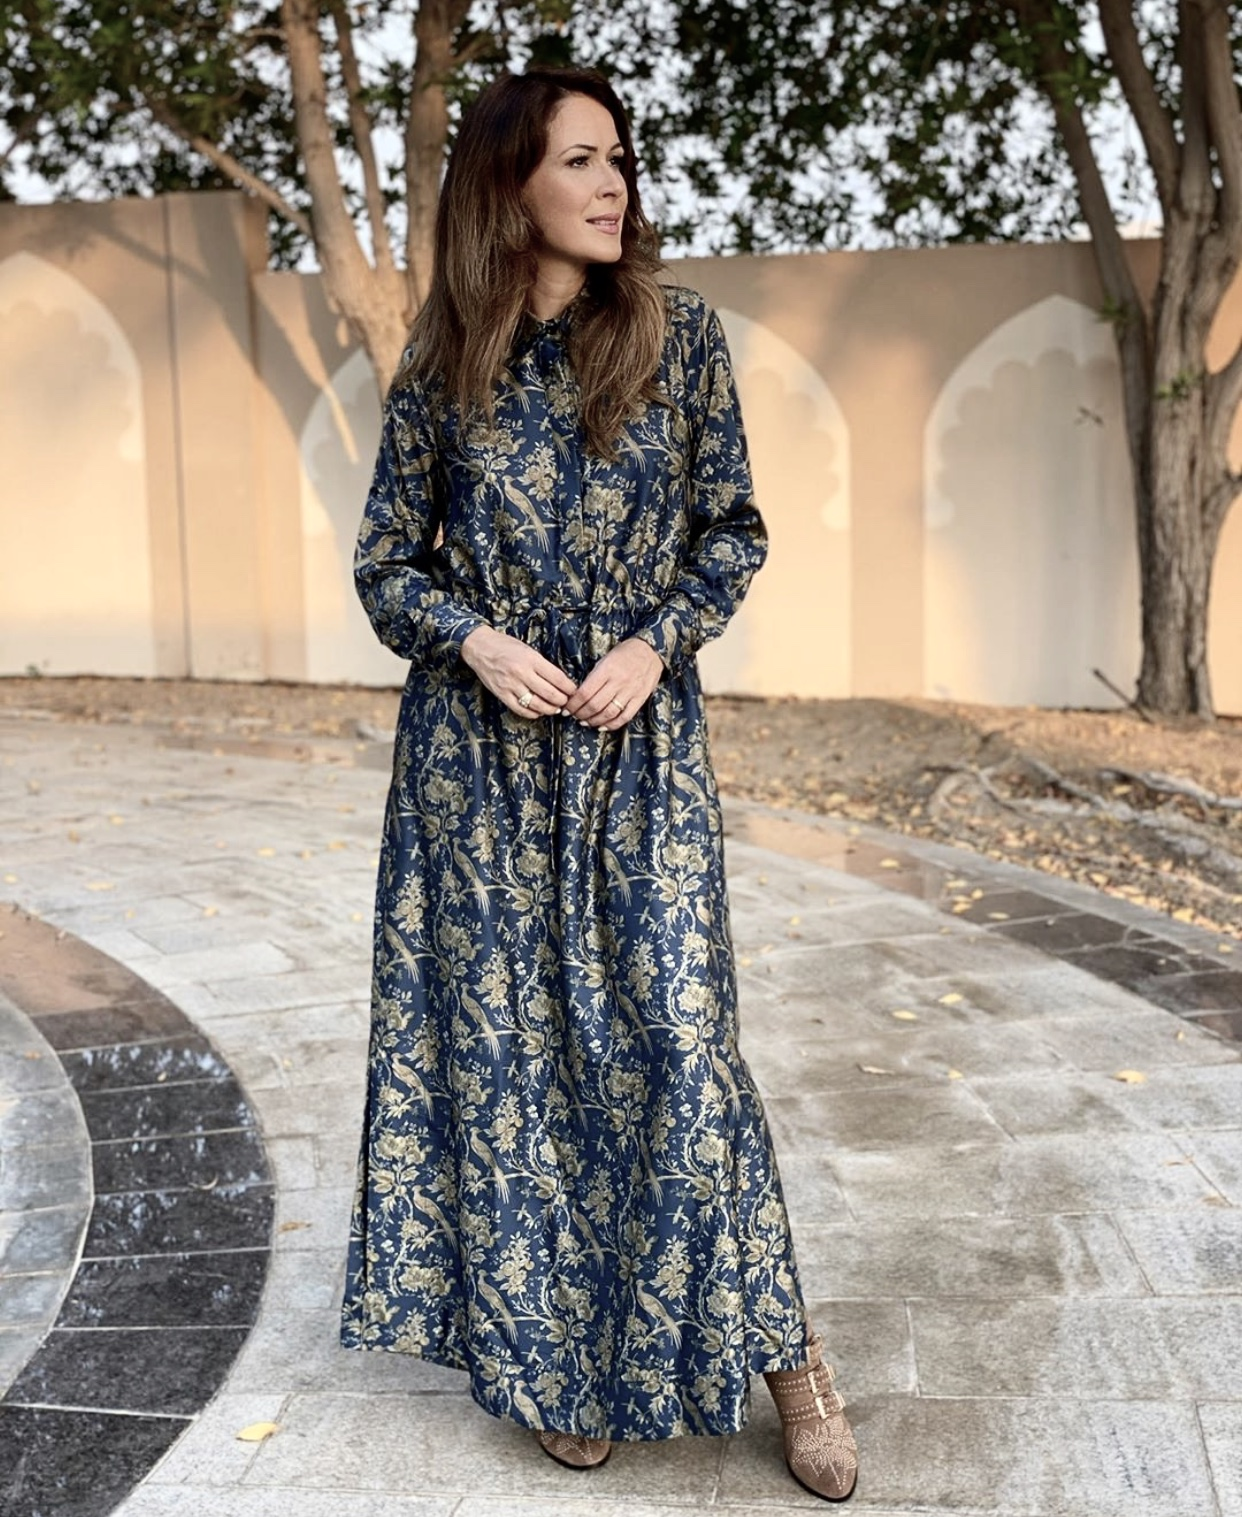 KARMAMIA Nakita Maxi Dress - Indigo Provence IMAGE BY ME